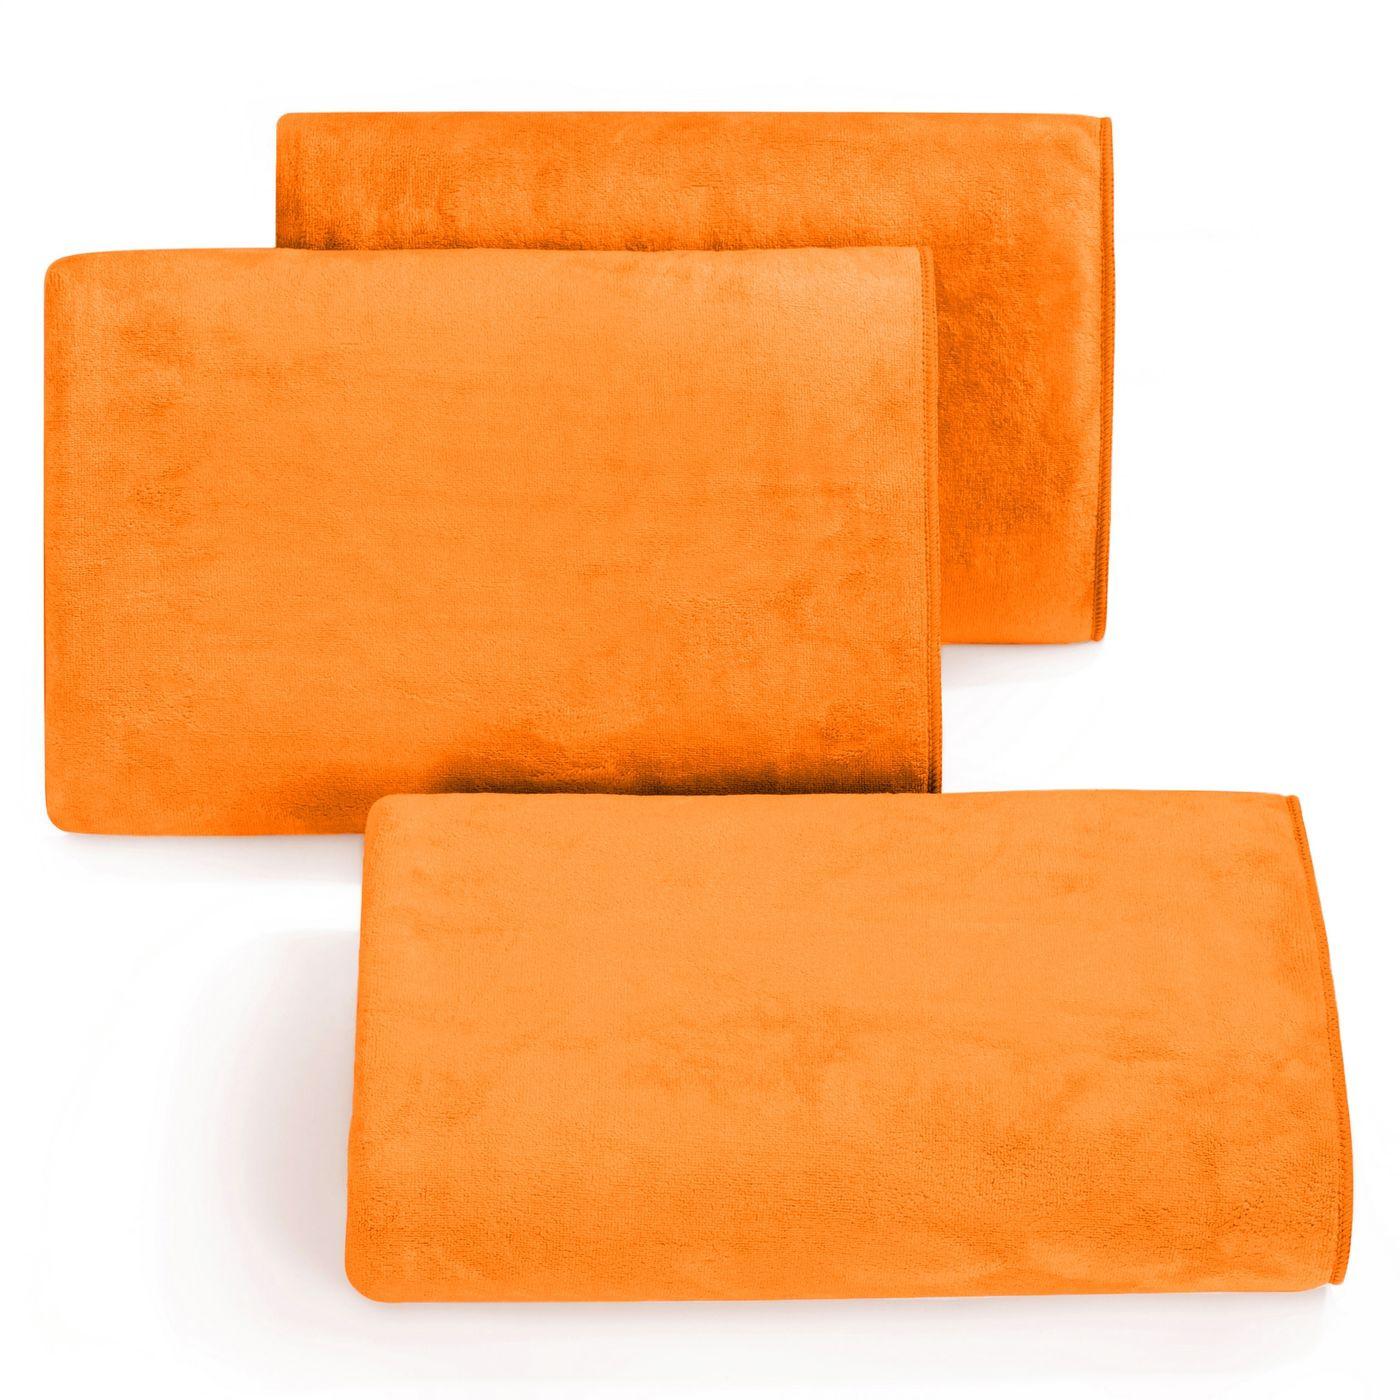 Ręcznik z mikrofibry szybkoschnący pomarańczowy 70x140cm